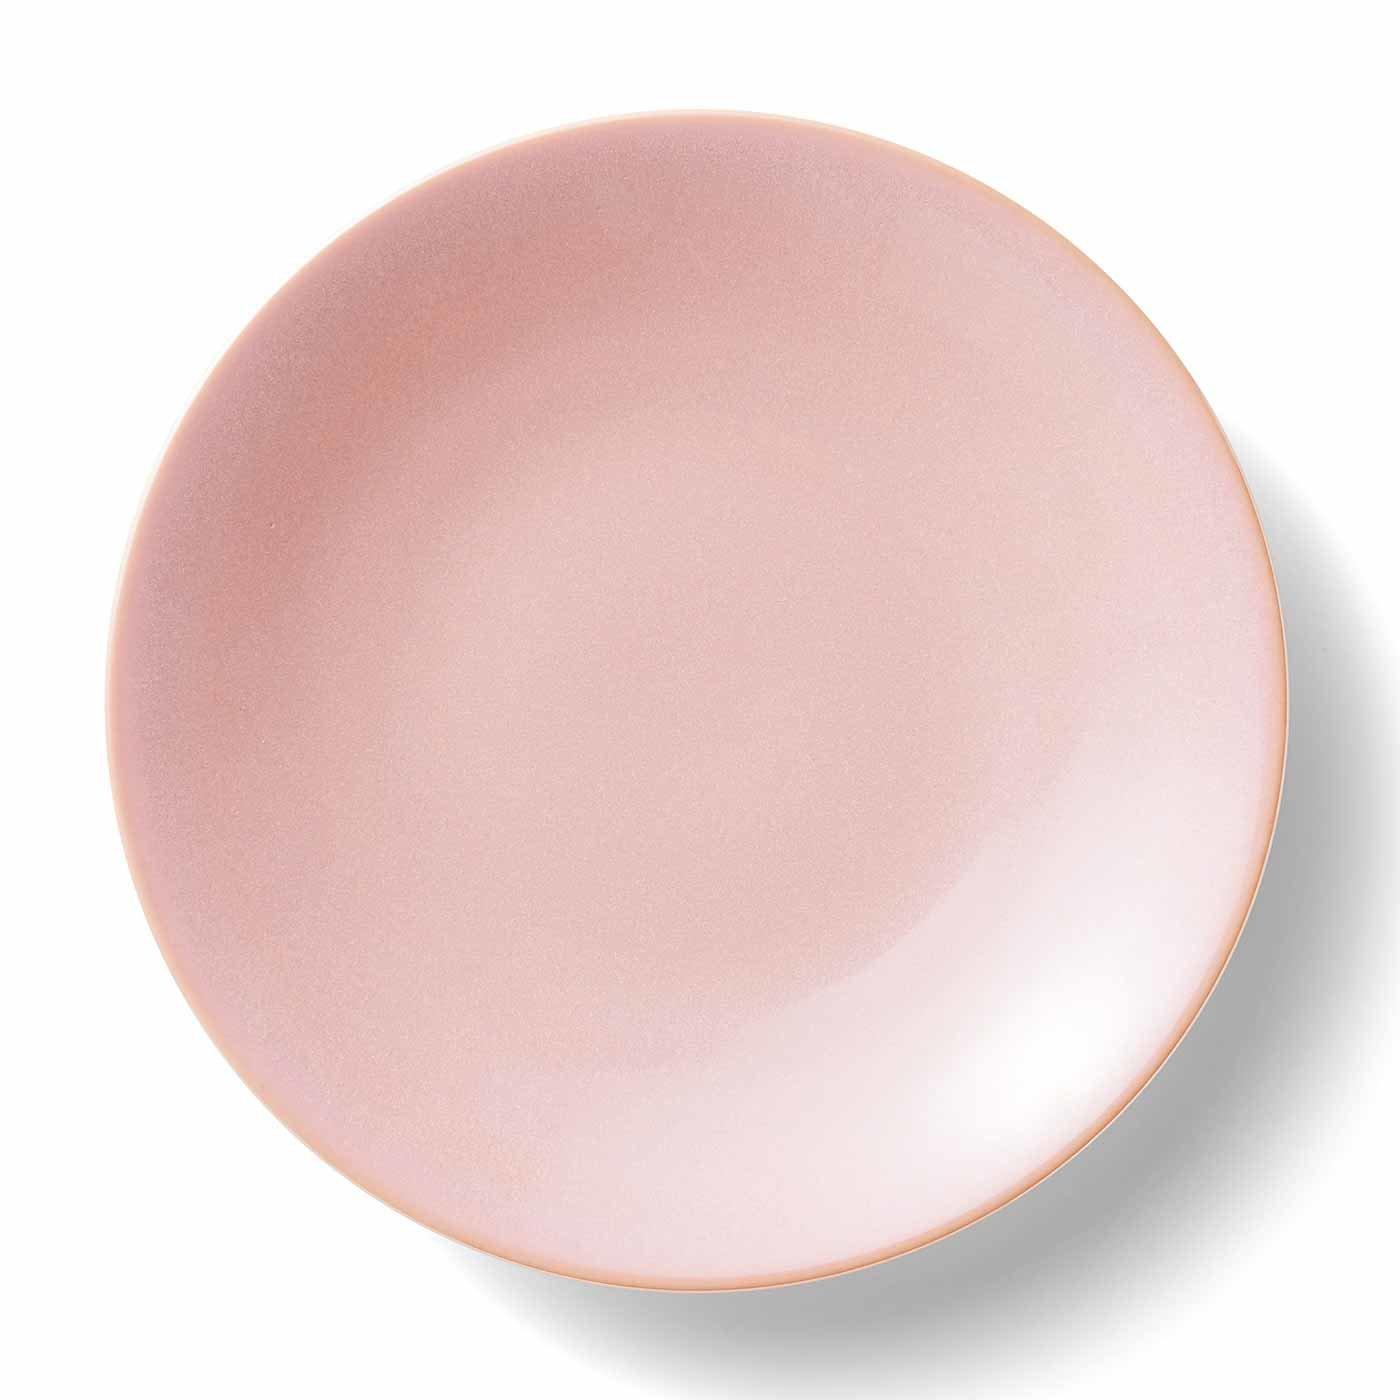 味わい深い ピンクの大皿